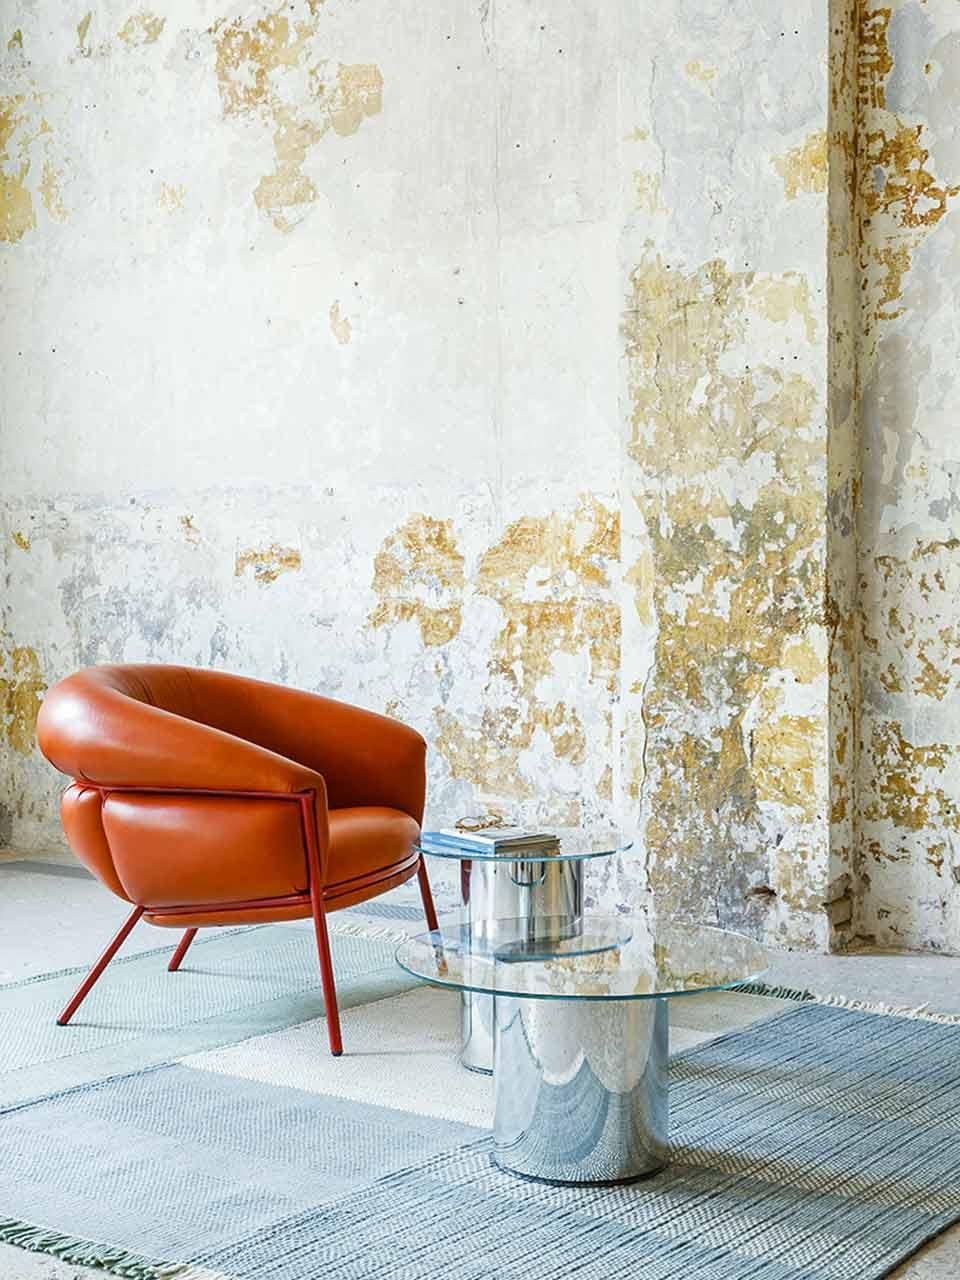 Fauteuil en cuir Grasso design Stephen Burks pour BD.Barcelona